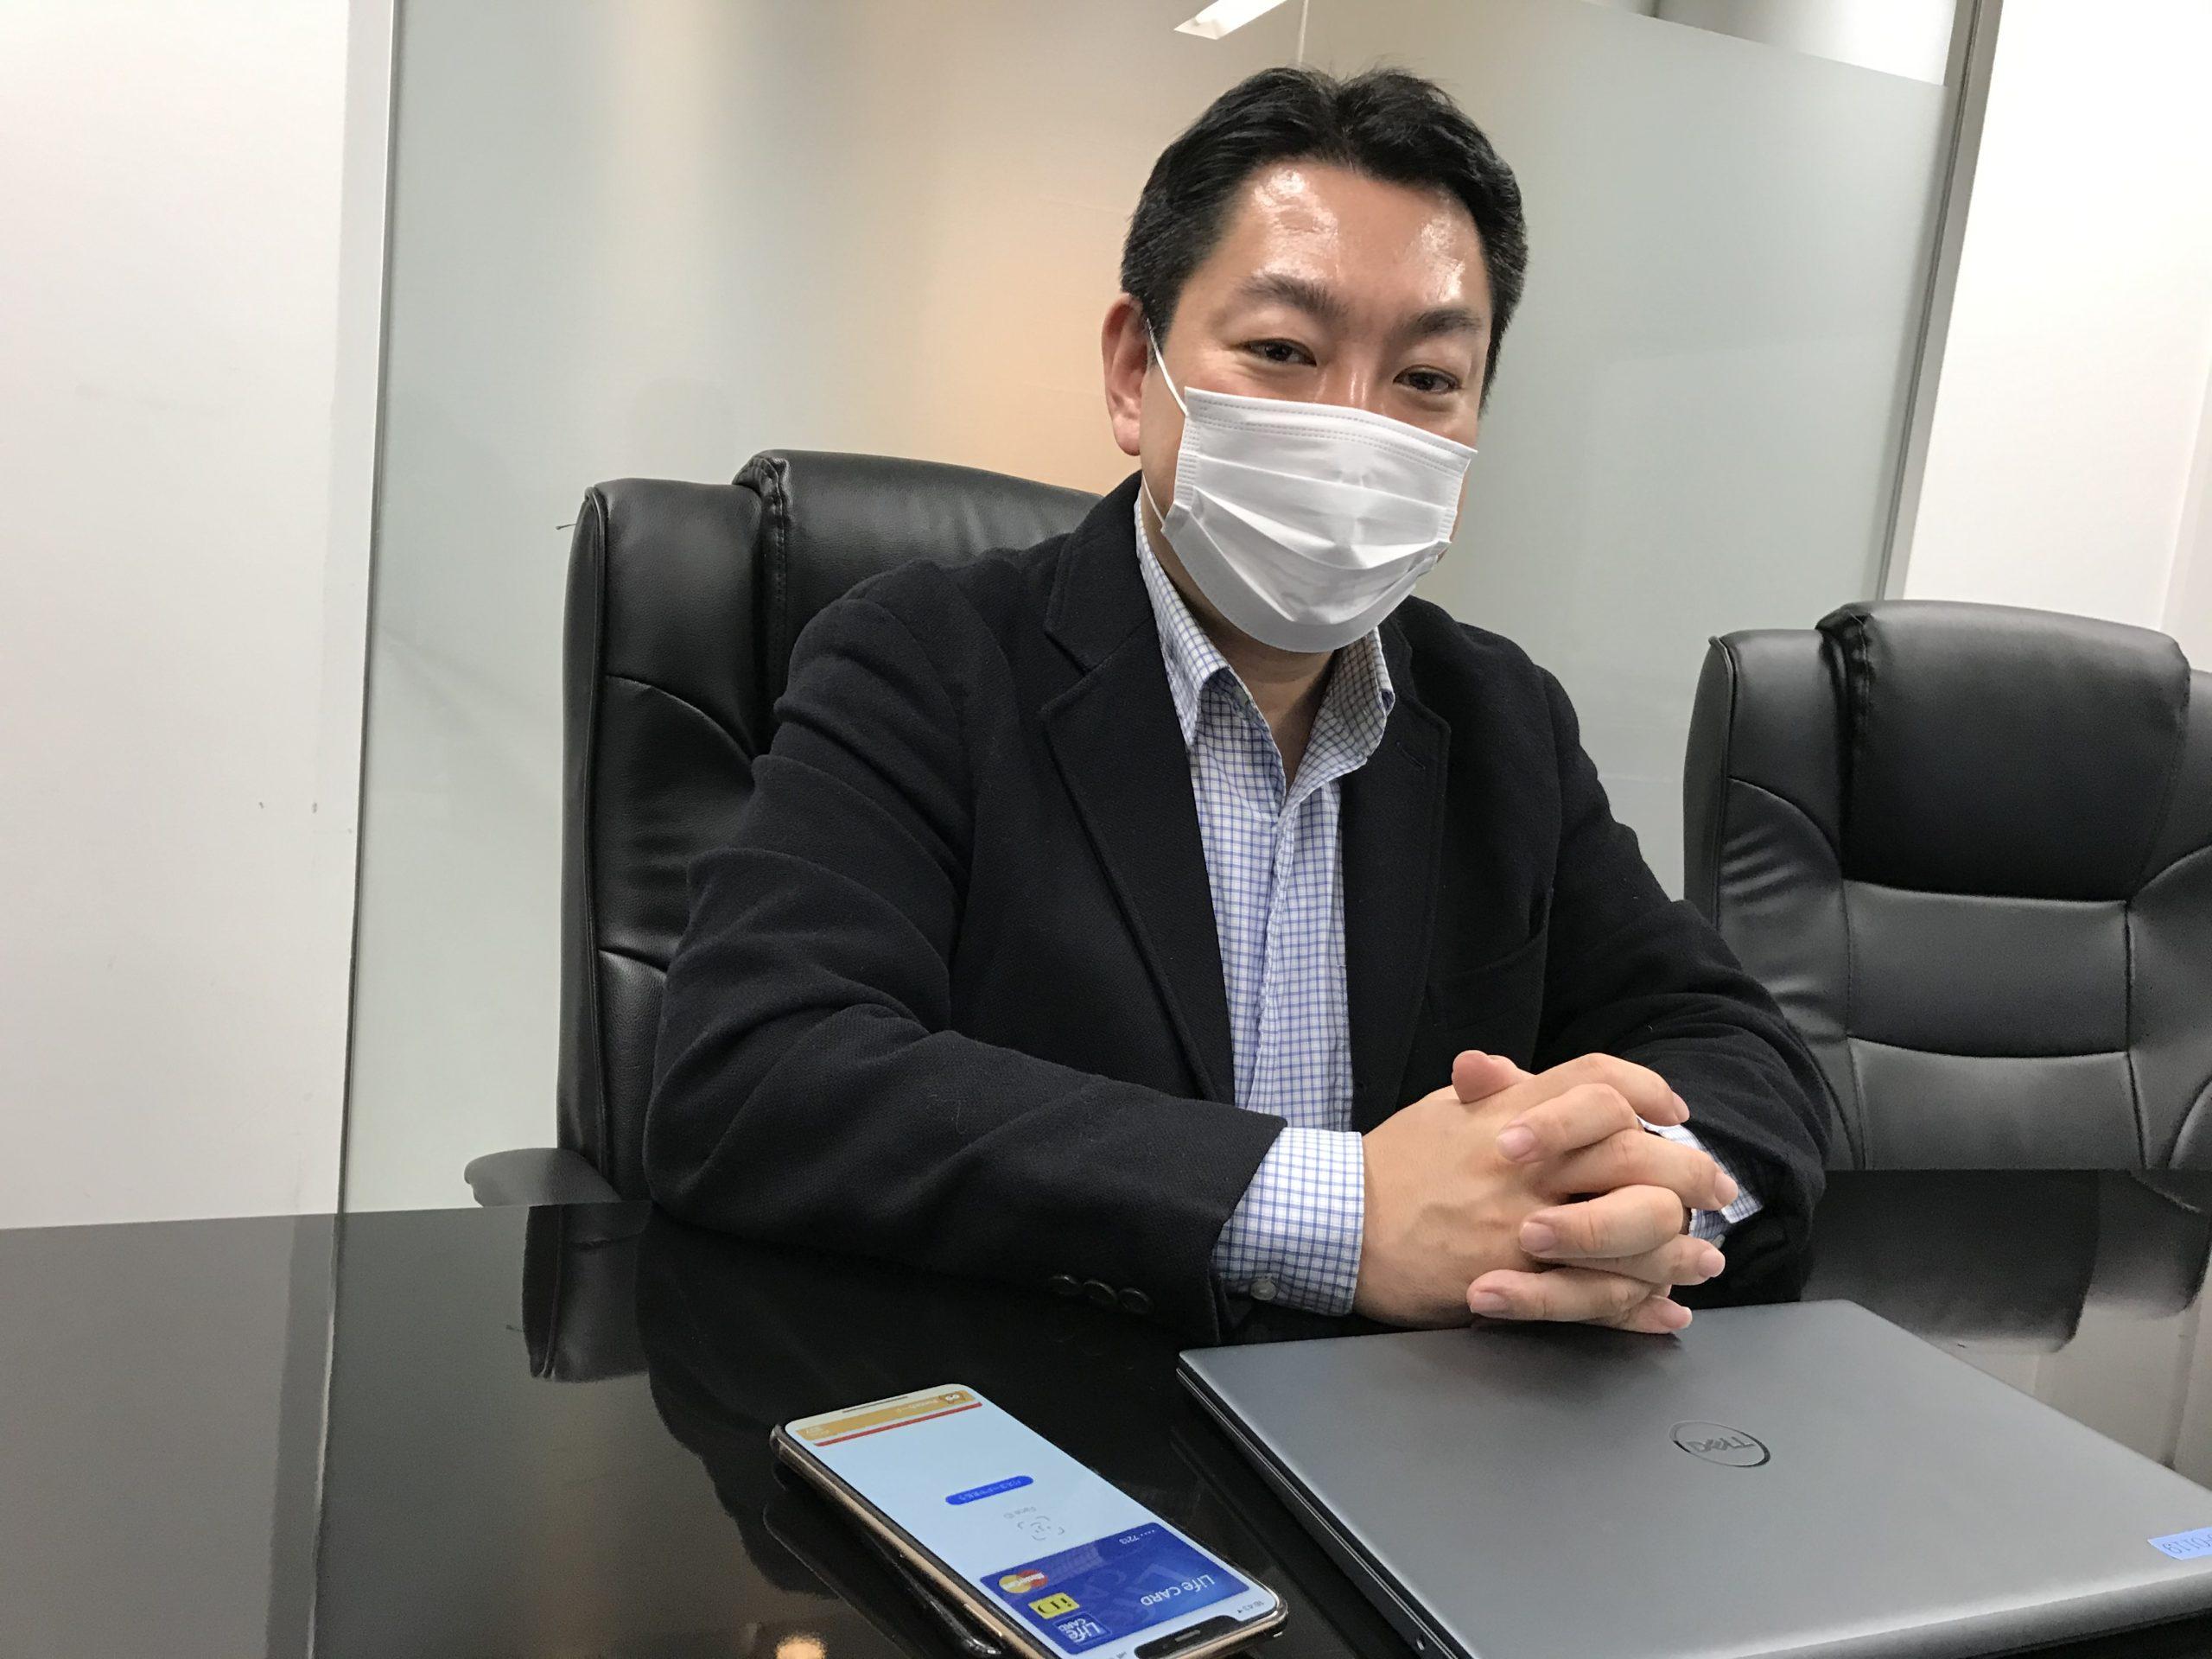 【スタッフ紹介VOL.6】WEBメディア事業部執行役員近藤をご紹介します